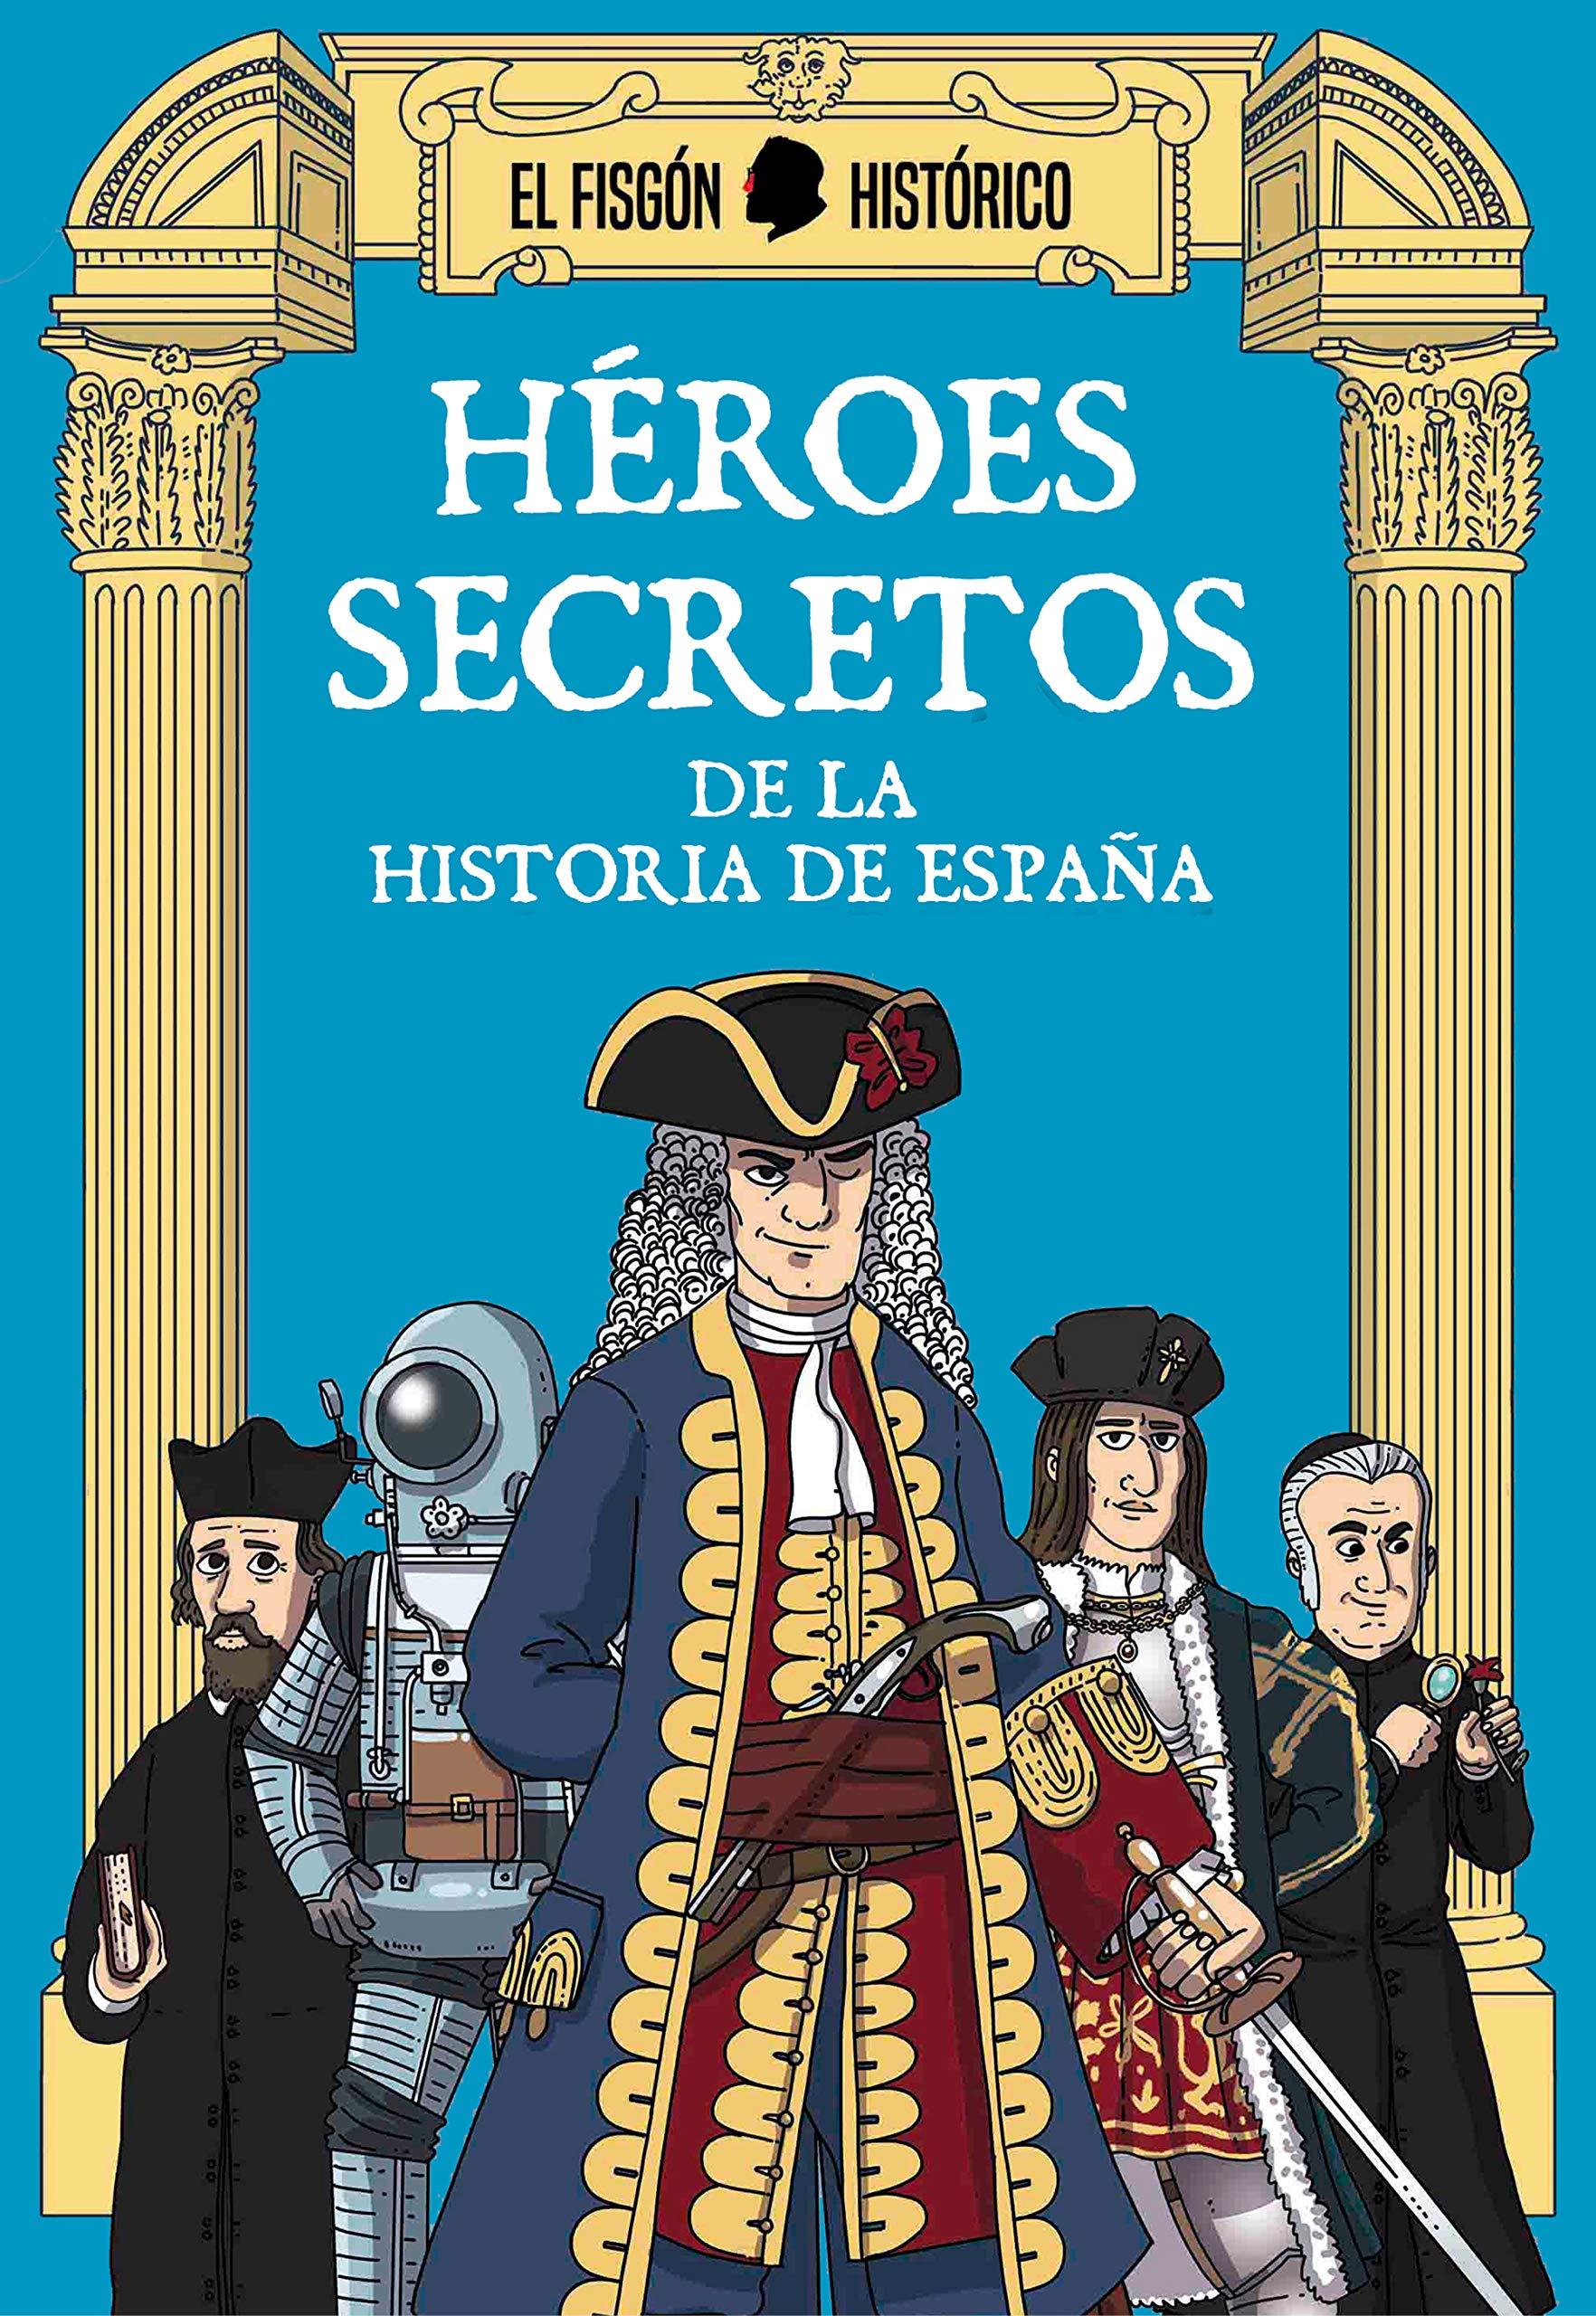 Héroes secretos: De la historia de España (Plan B): Amazon.es: El Fisgón Histórico: Libros